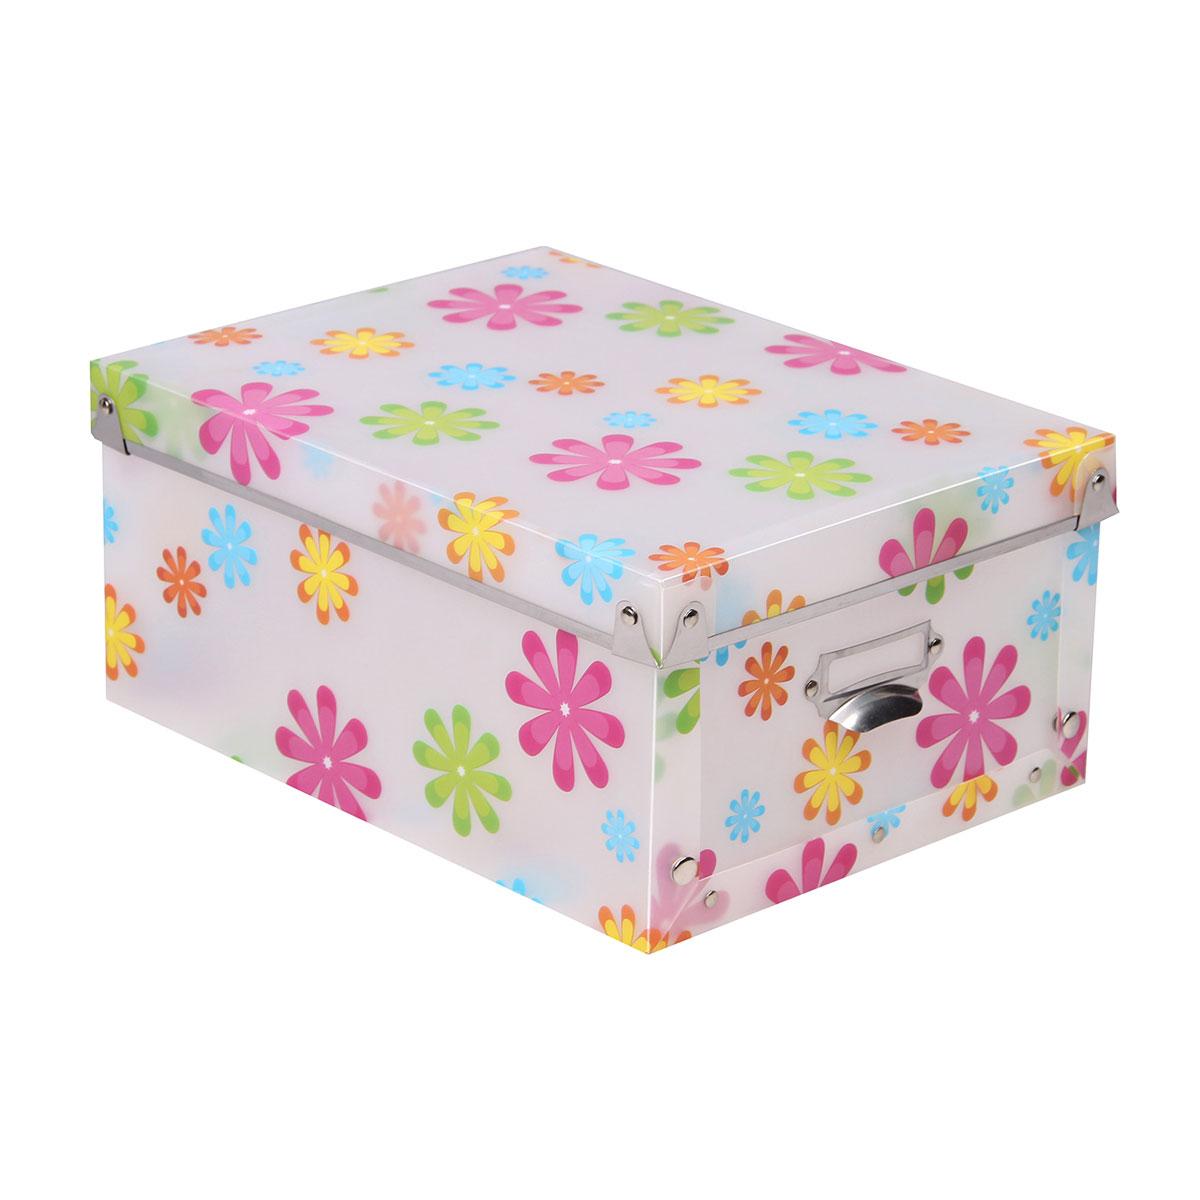 Короб для xранения Miolla, 30,5 x 22,5 x 13,5 см короб для xранения обуви miolla 52 x 30 x 11 см